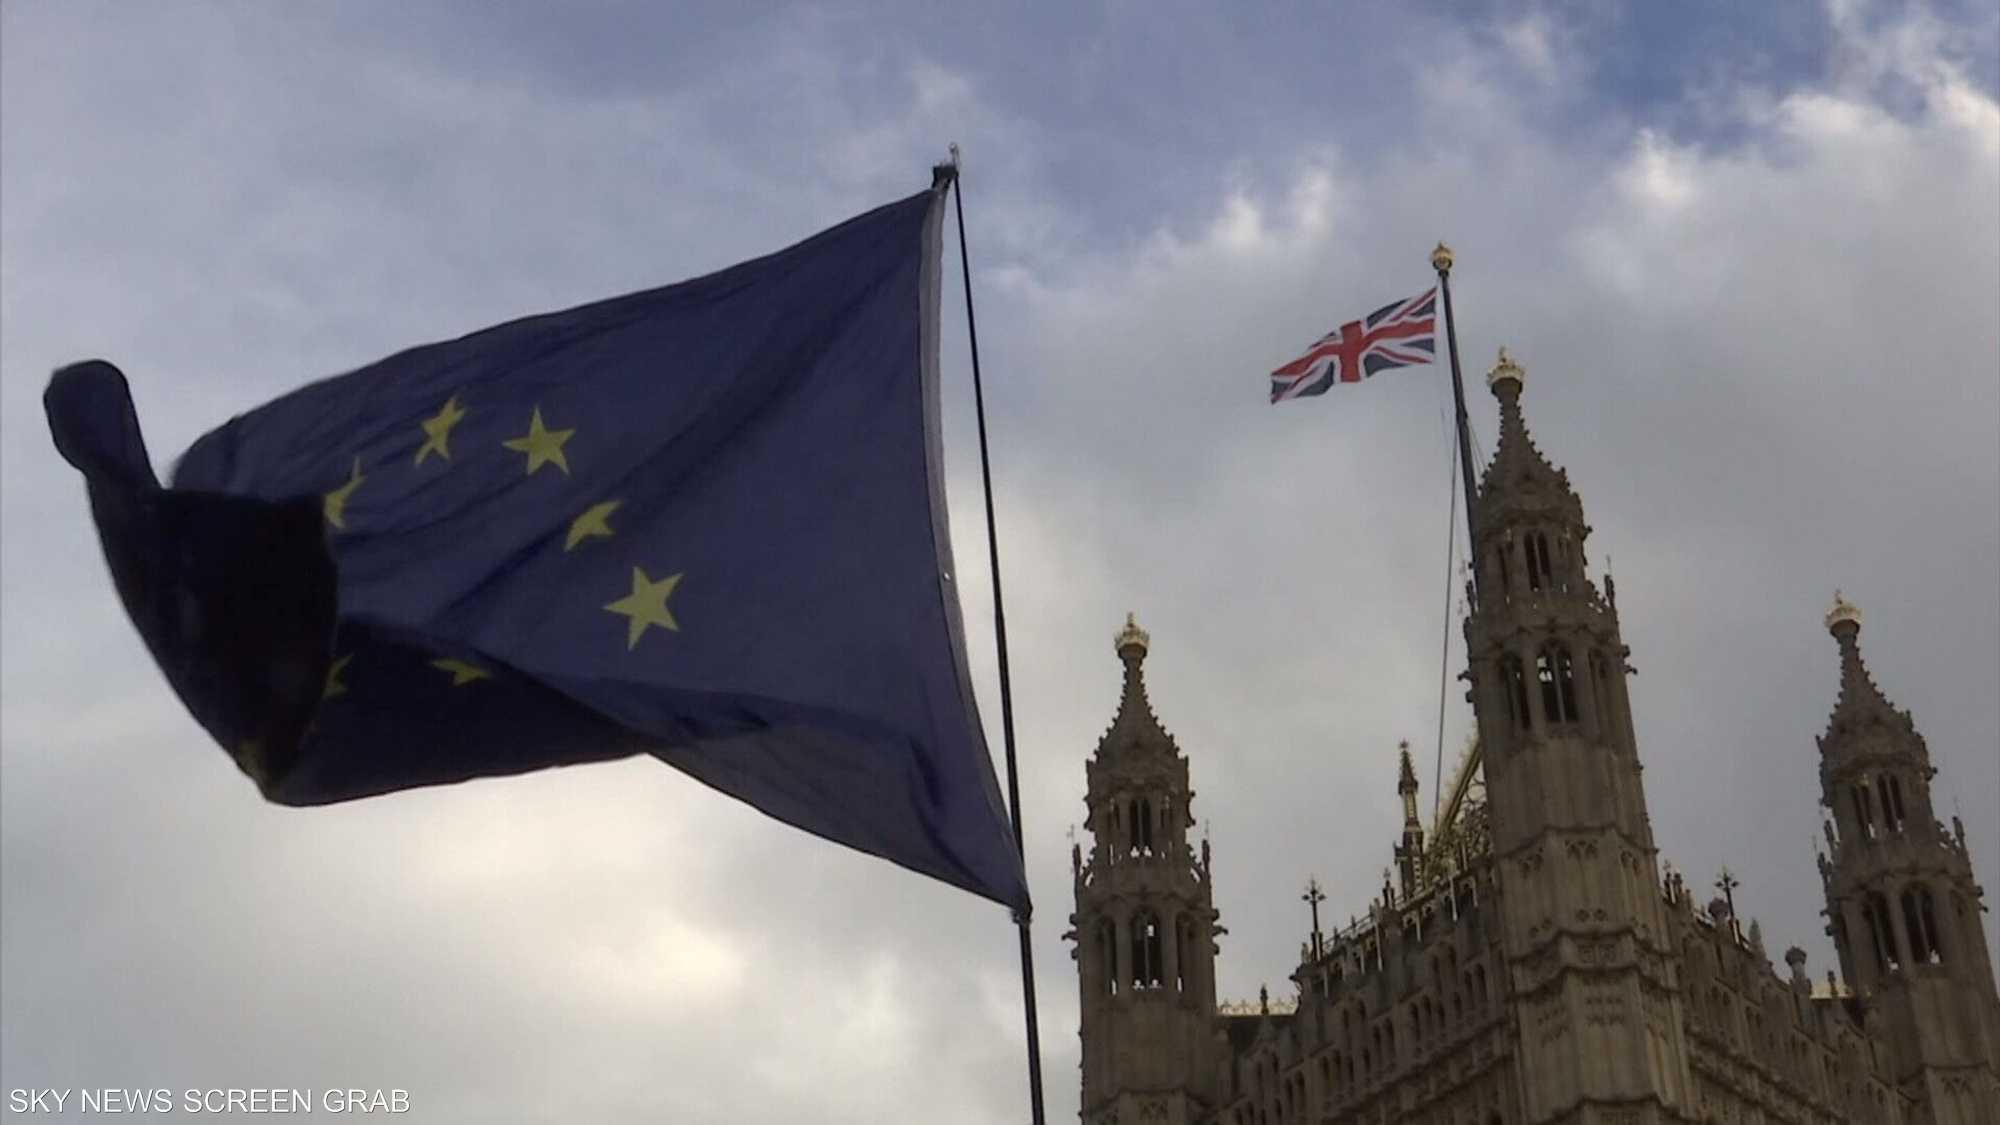 تبعات سلبية كثيرة لخروج بريطانيا من الاتحاد الأوروبي